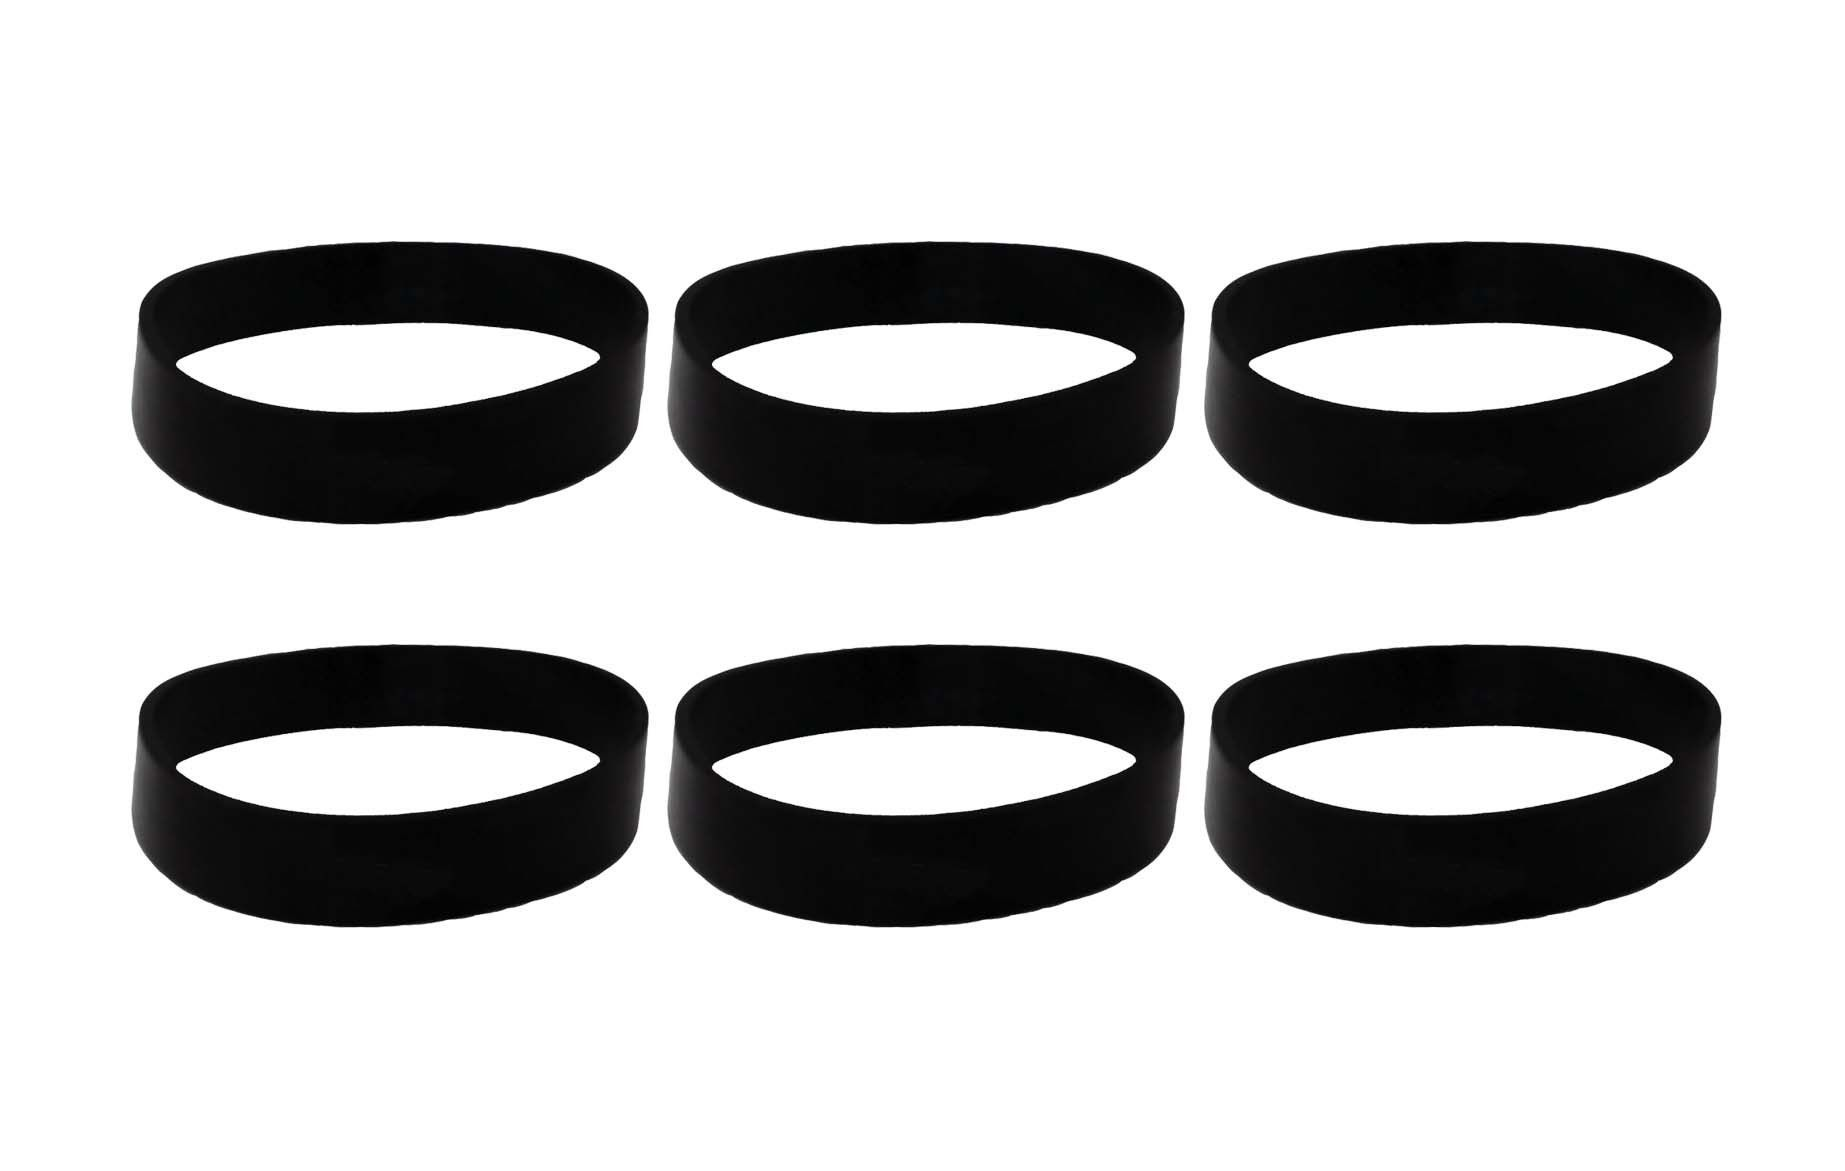 6 Replacements Durable Oreck XL Vacuum Belts Part # 030-0604 /& XL010-0604